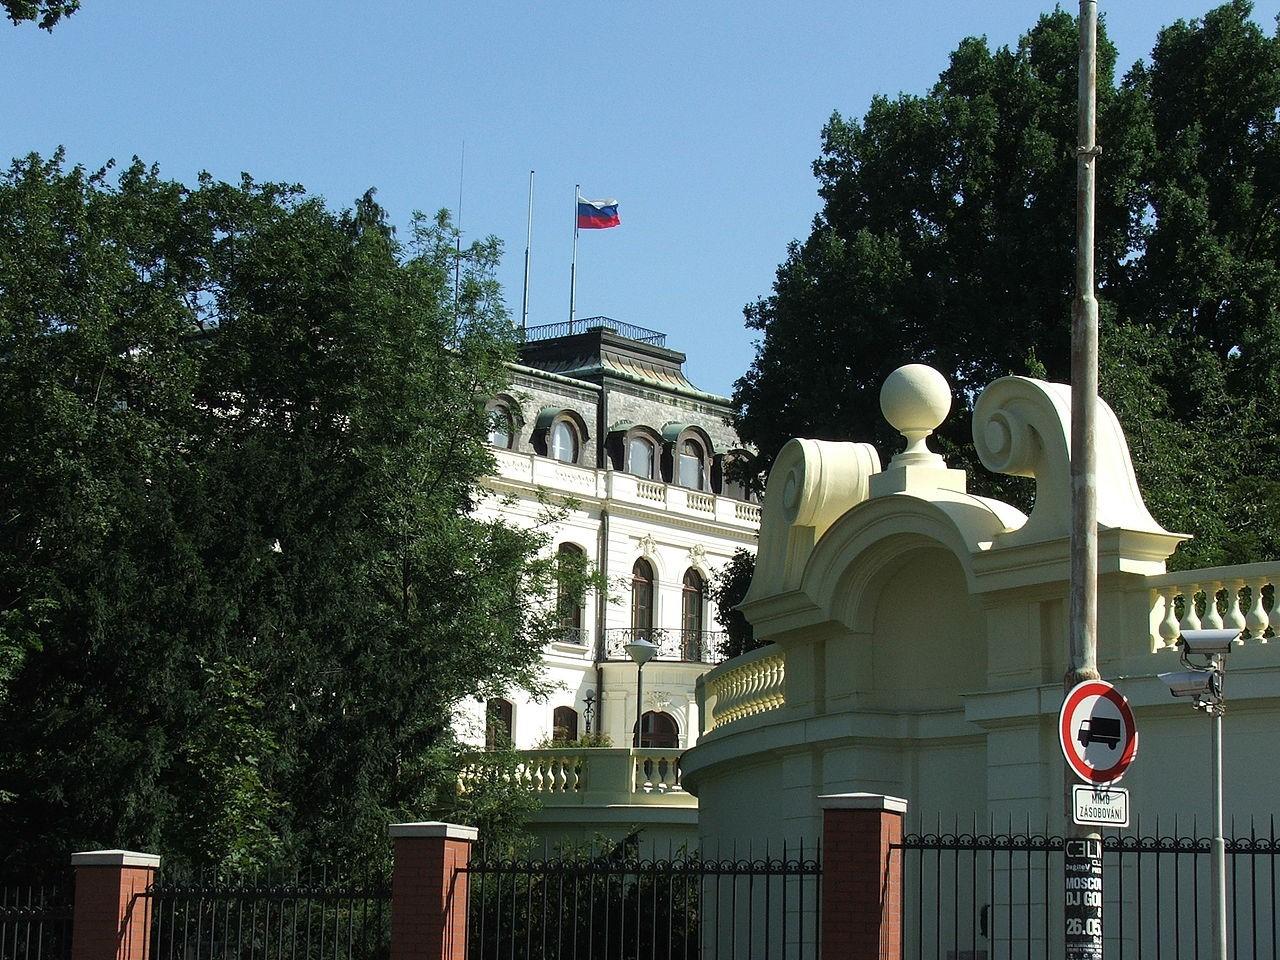 Czechy, Bułgaria, Ukraina. Operacja specjalna GRU